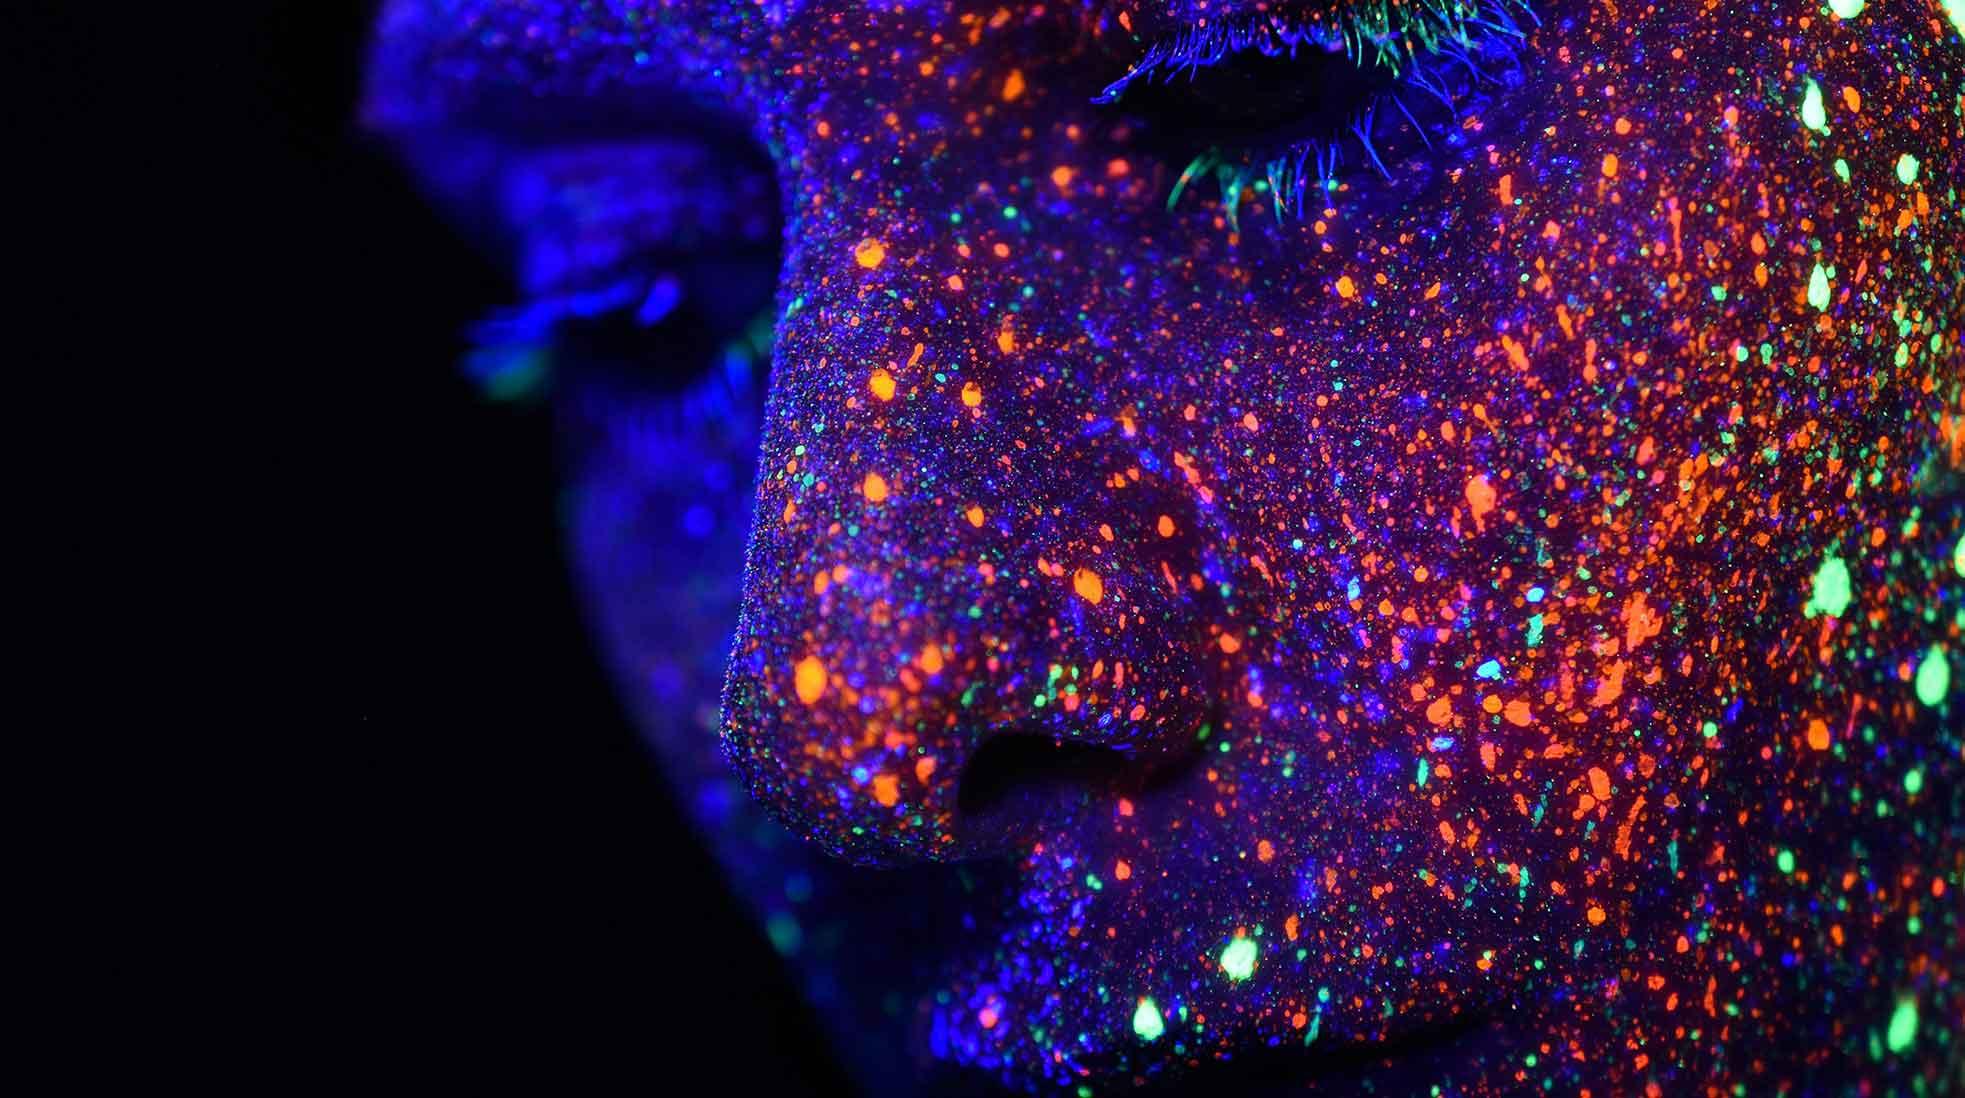 En suggestiv bild av ett mänskligt ansikte täckt med färgade prickar